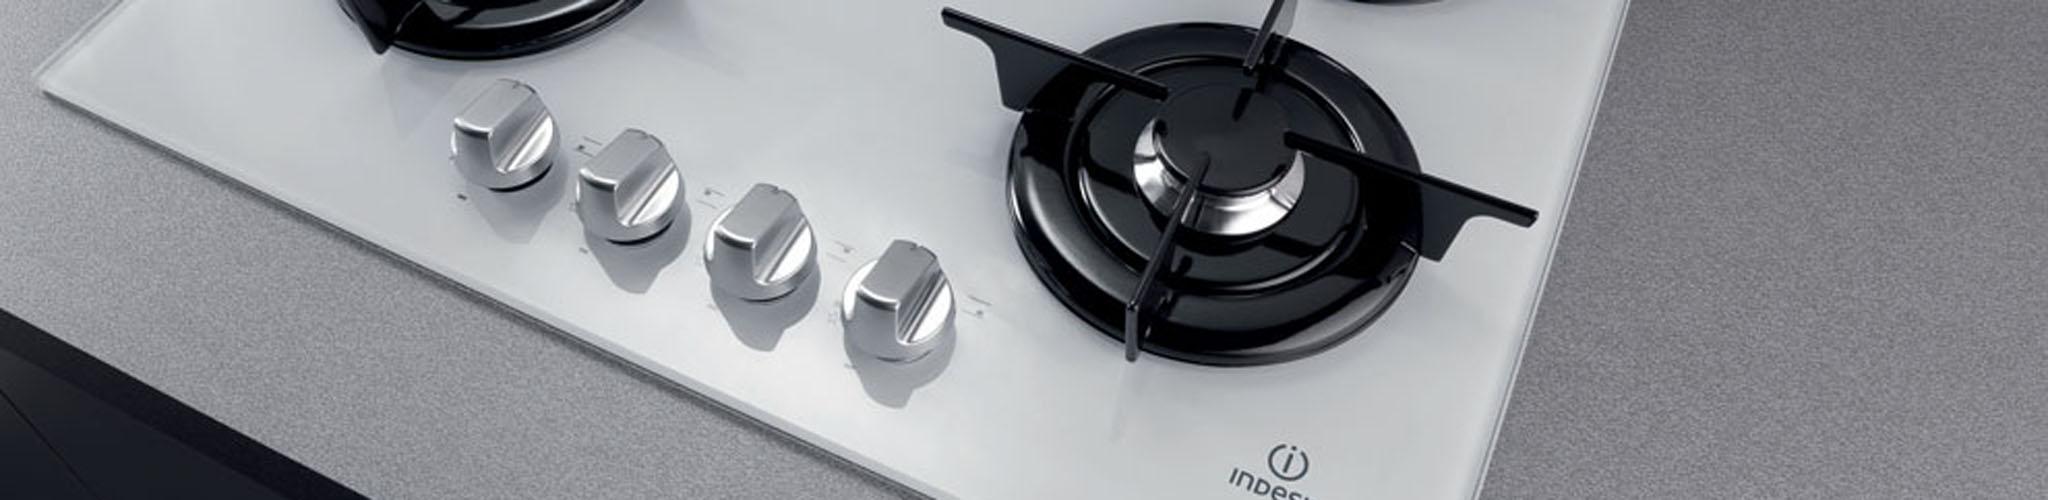 cucine savona